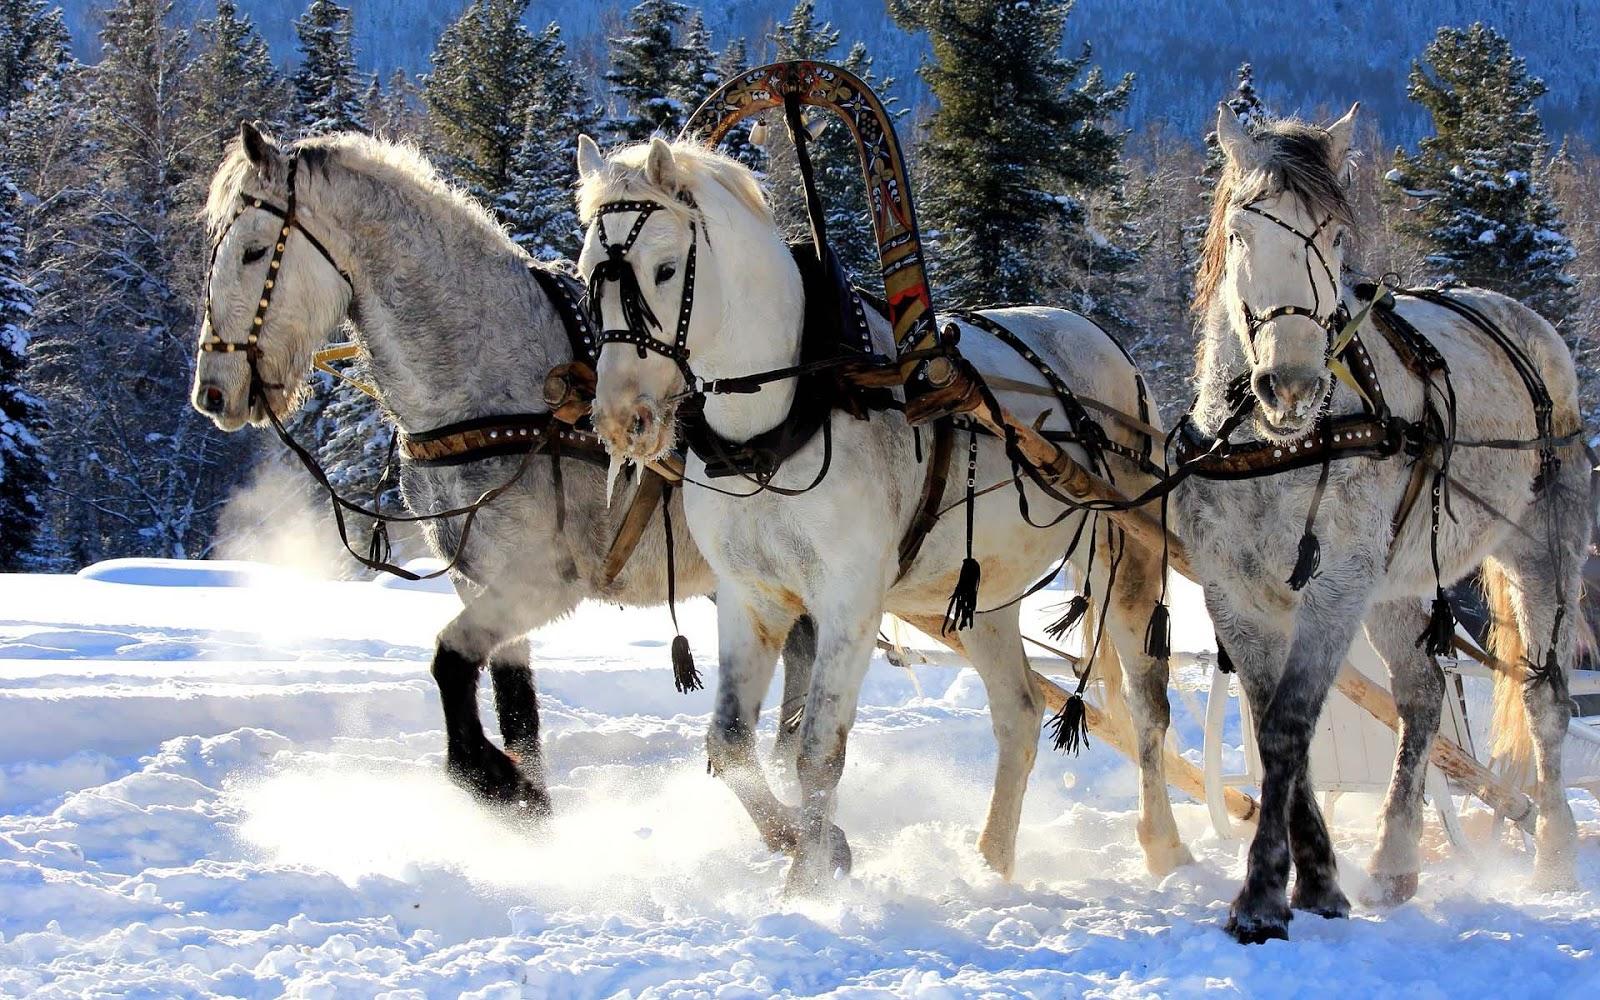 зимняя лошадь обои на рабочий стол № 511117 загрузить